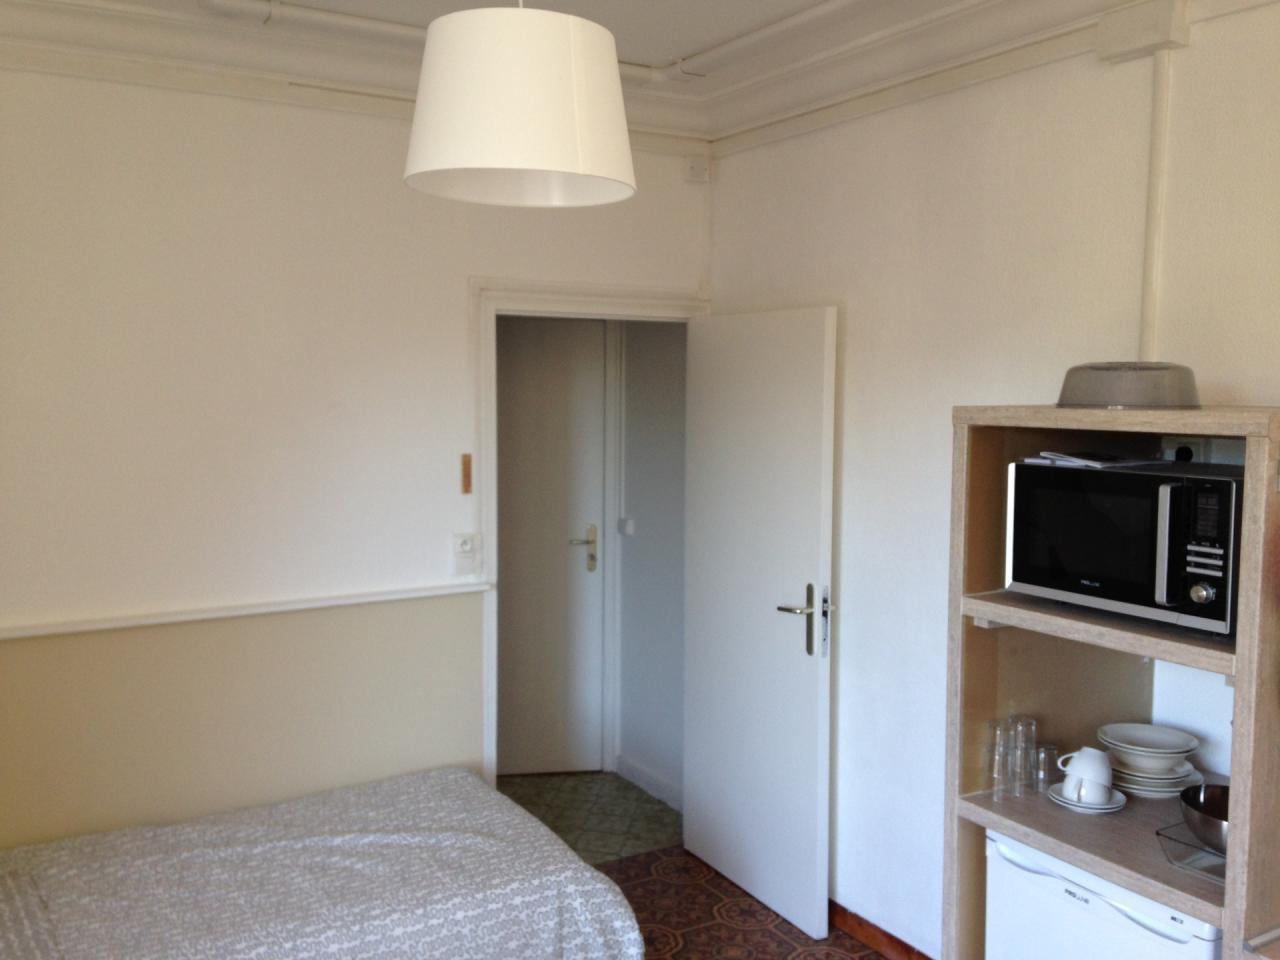 Aperçu lit et espace cuisine, accès dressing et porte d'entrée